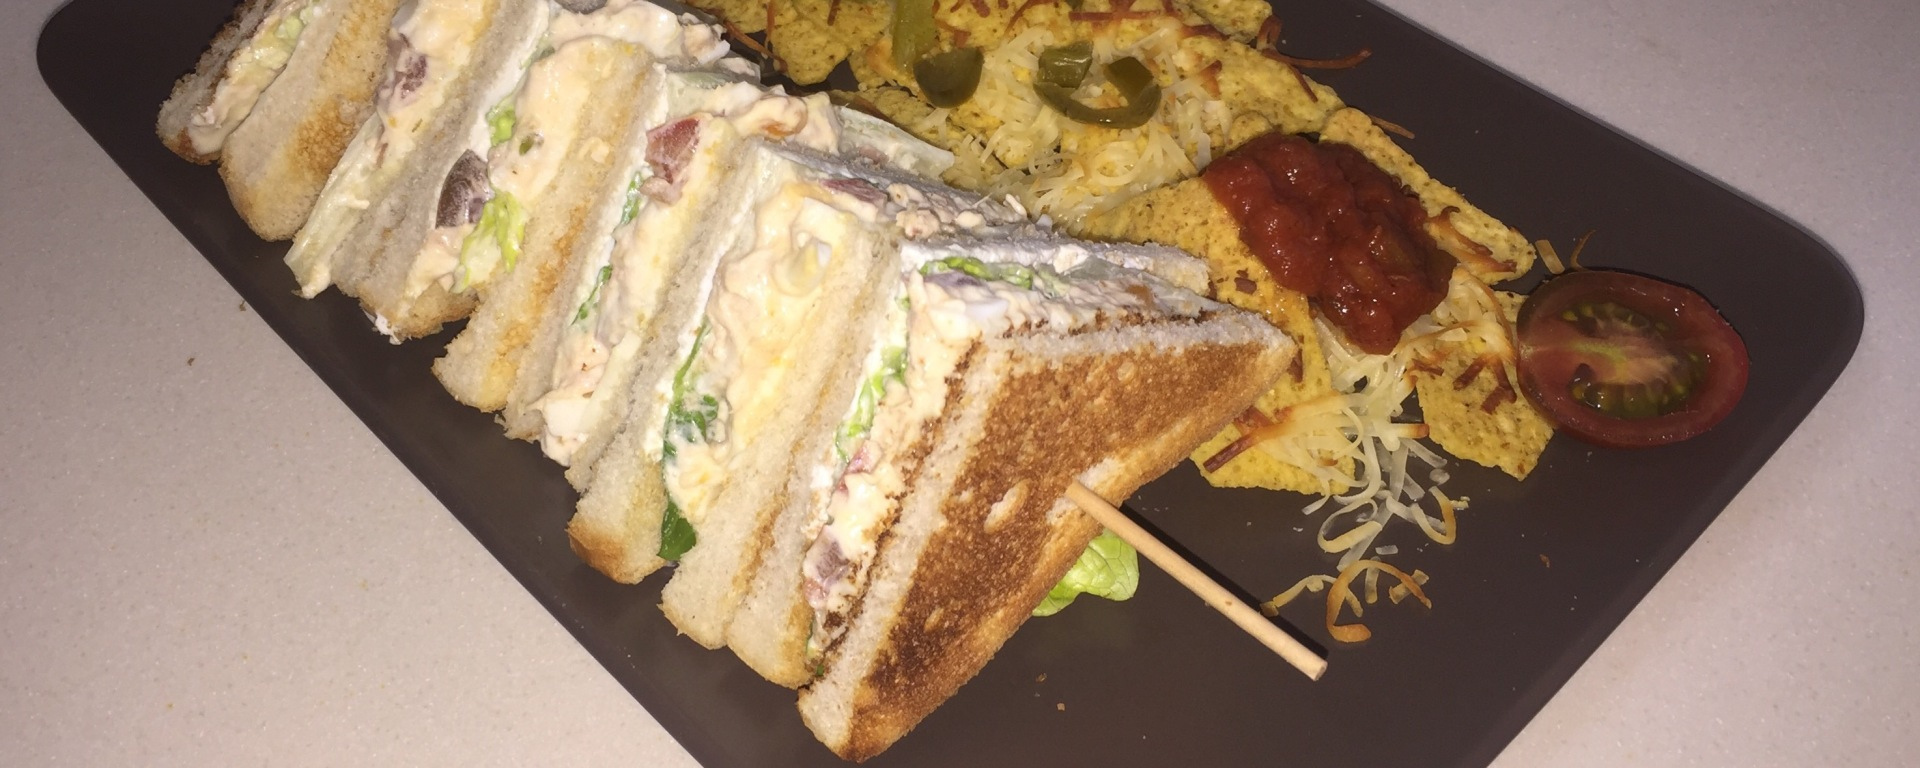 Sandwich Vegetal Con Atún Acompañado De Unos Nachos